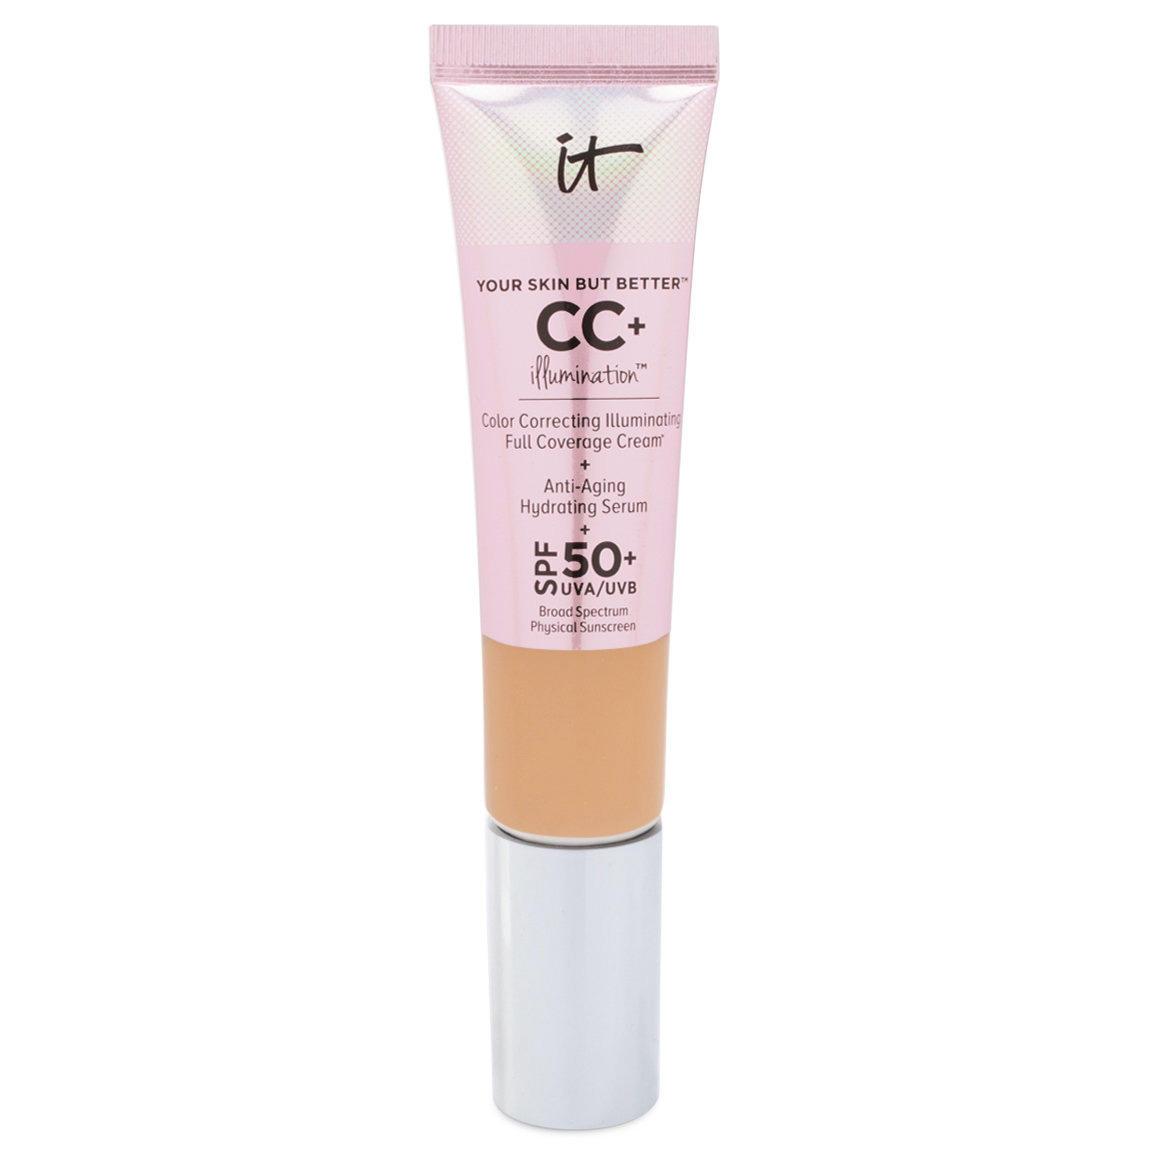 IT Cosmetics CC+ Illumination Color Correcting Full Coverage Cream Medium Tan